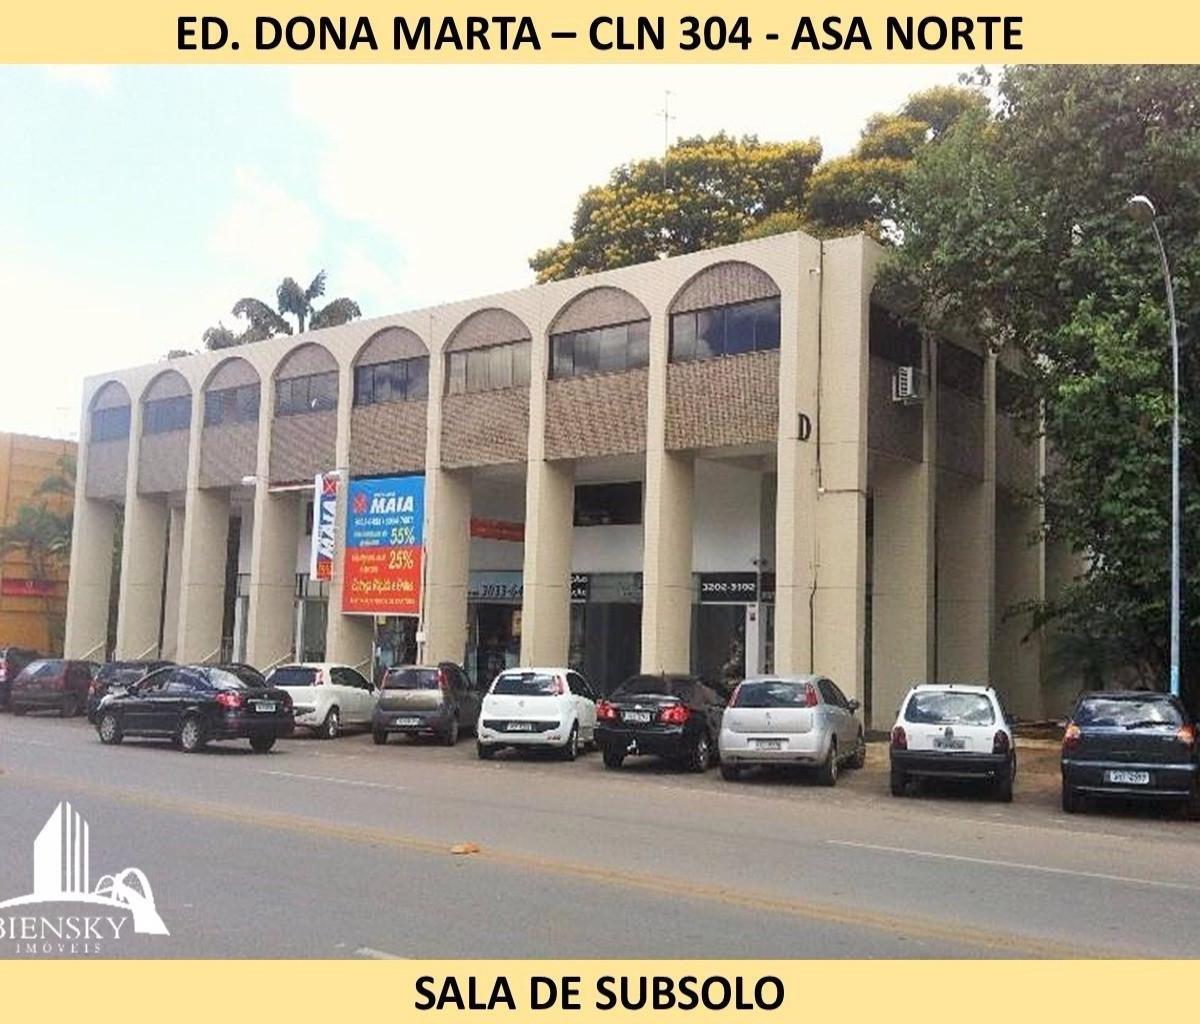 Imagens de #AE8A1D Comercial para aluguel com 0 Asa Norte Brasília R$ 890 ID  1200x1024 px 3560 Blindex Banheiro Asa Norte